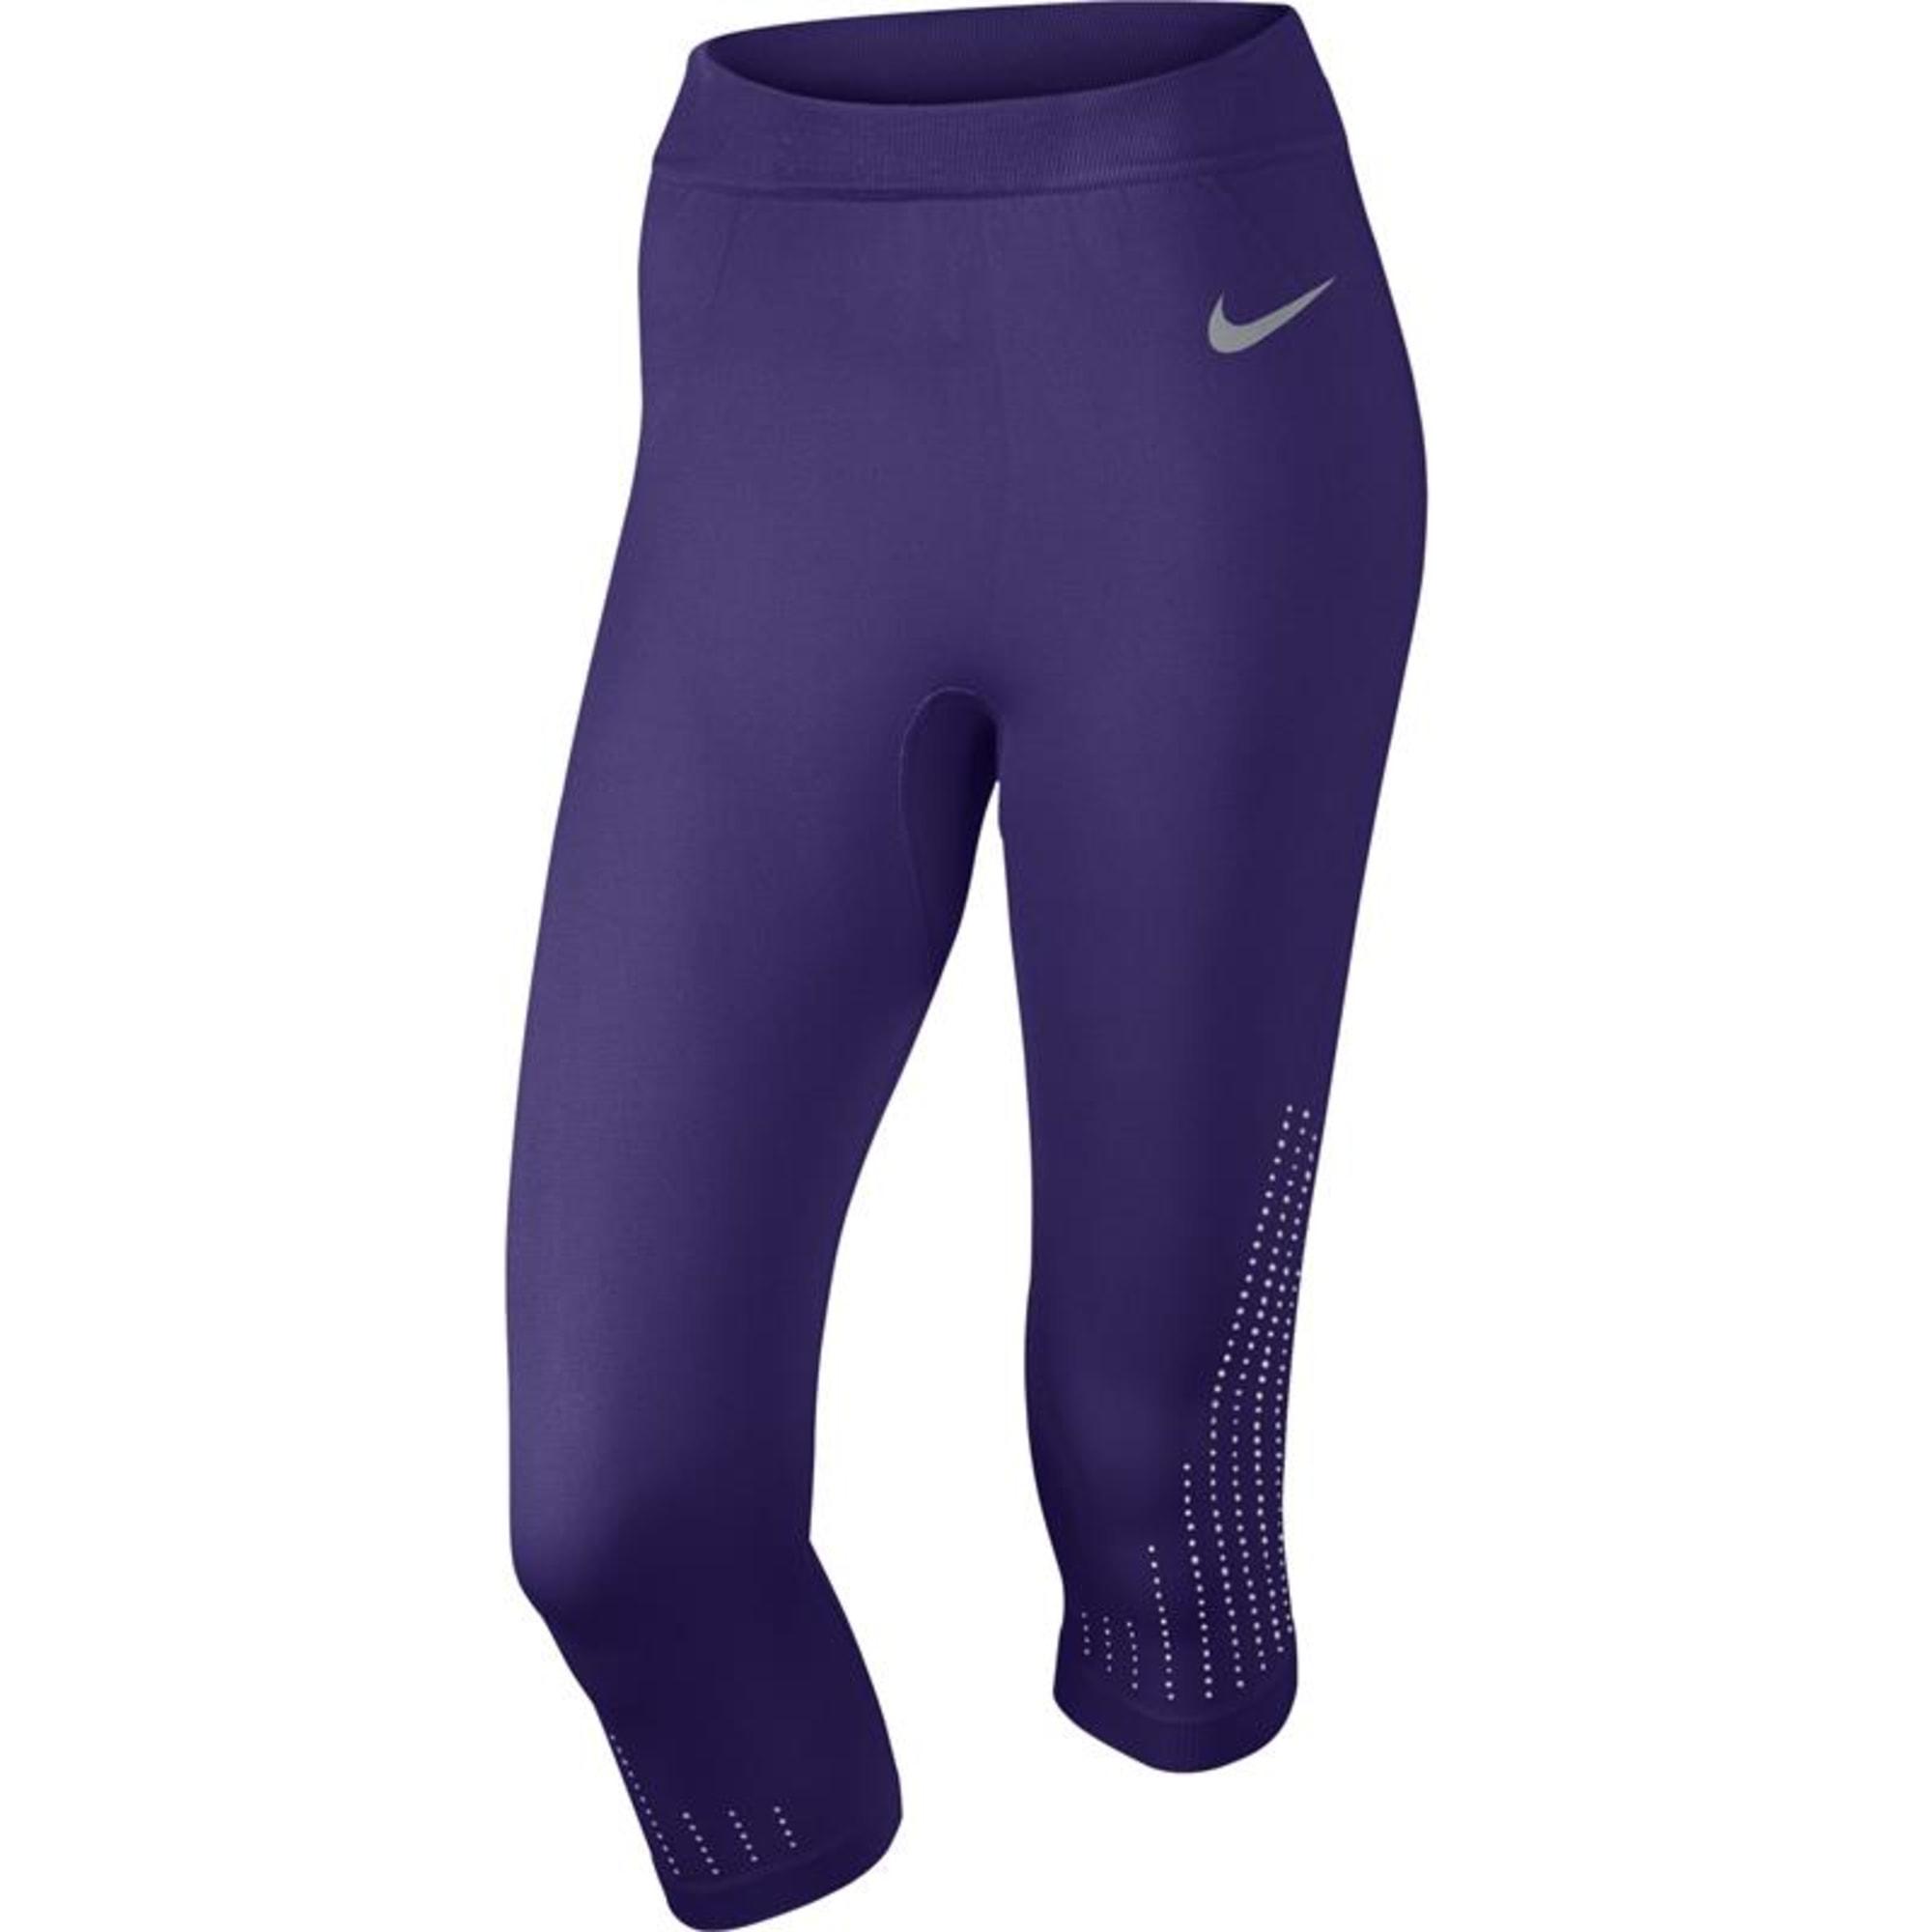 Pantalon de fitness NIKE Violet, mauve, lavande